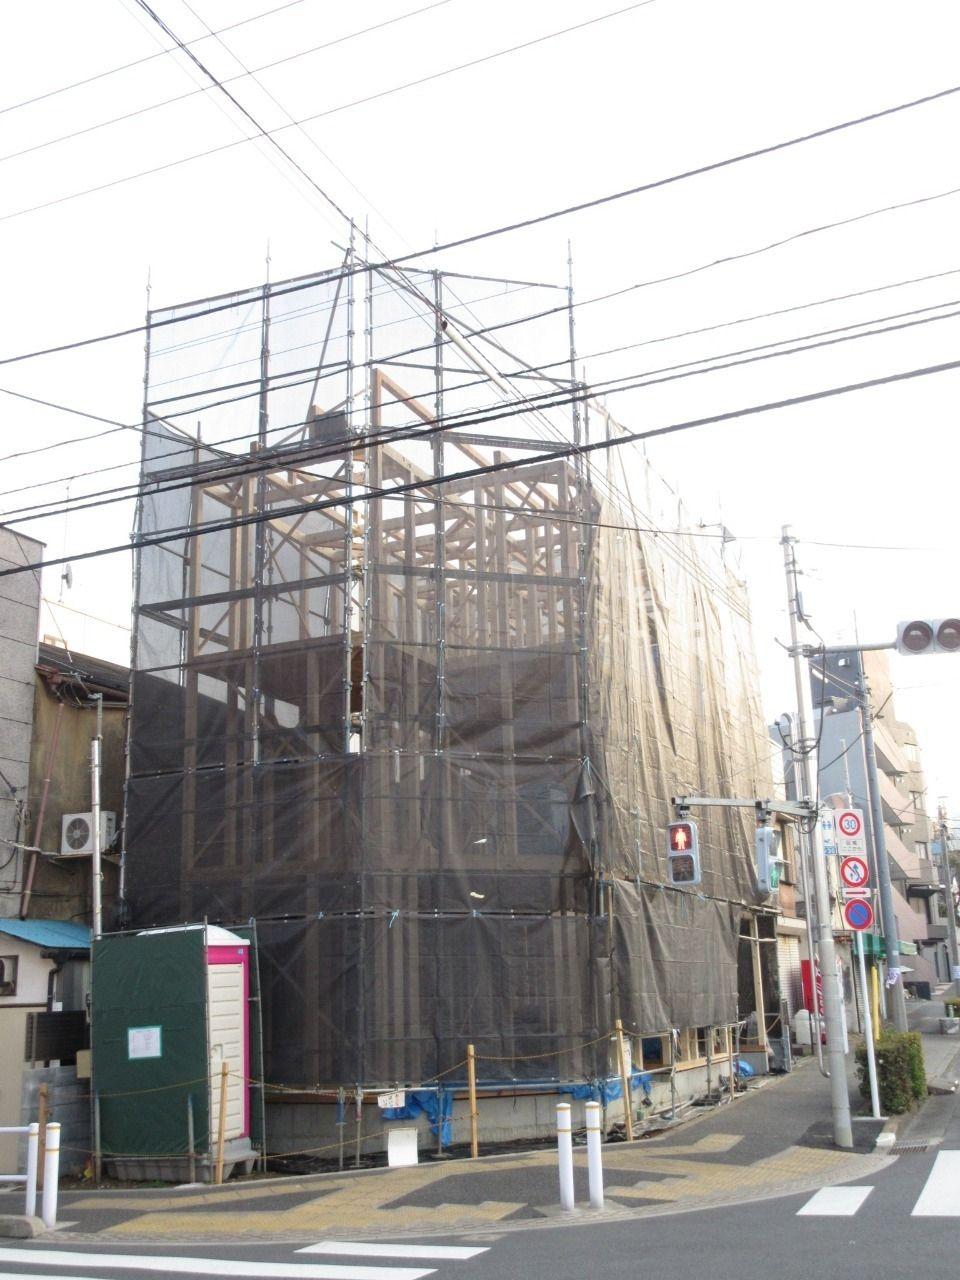 徳丸3丁目の新築戸建現場の状況報告です。 現場は足場で囲われ、建物の建て方まで終わりました。